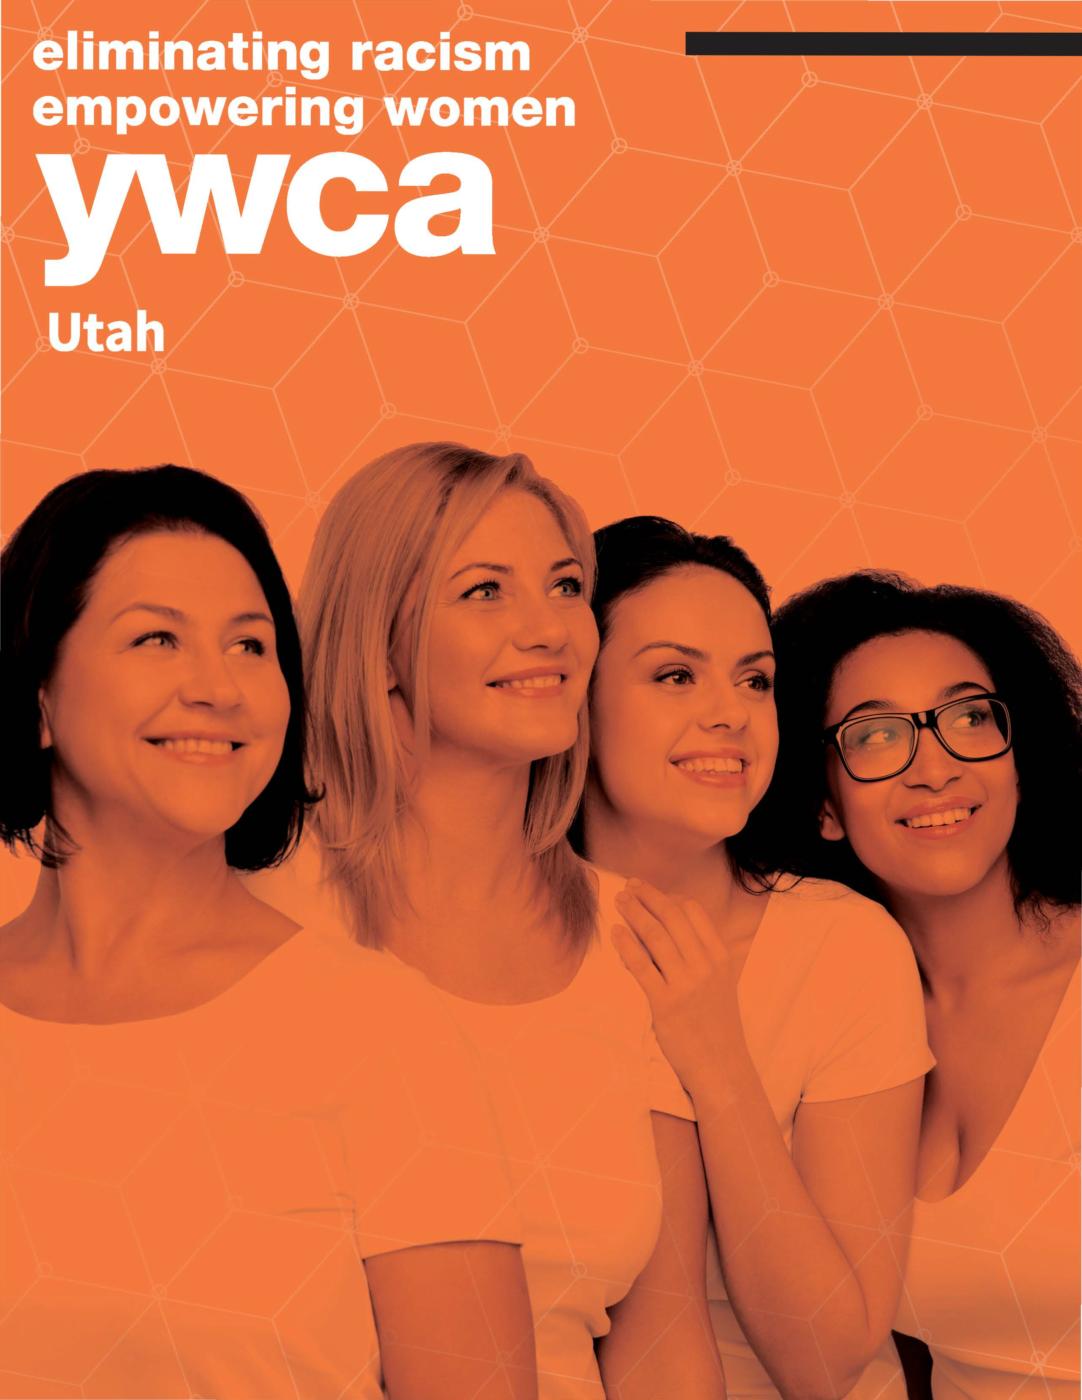 YWCA Utah Annual Report 2014-2015